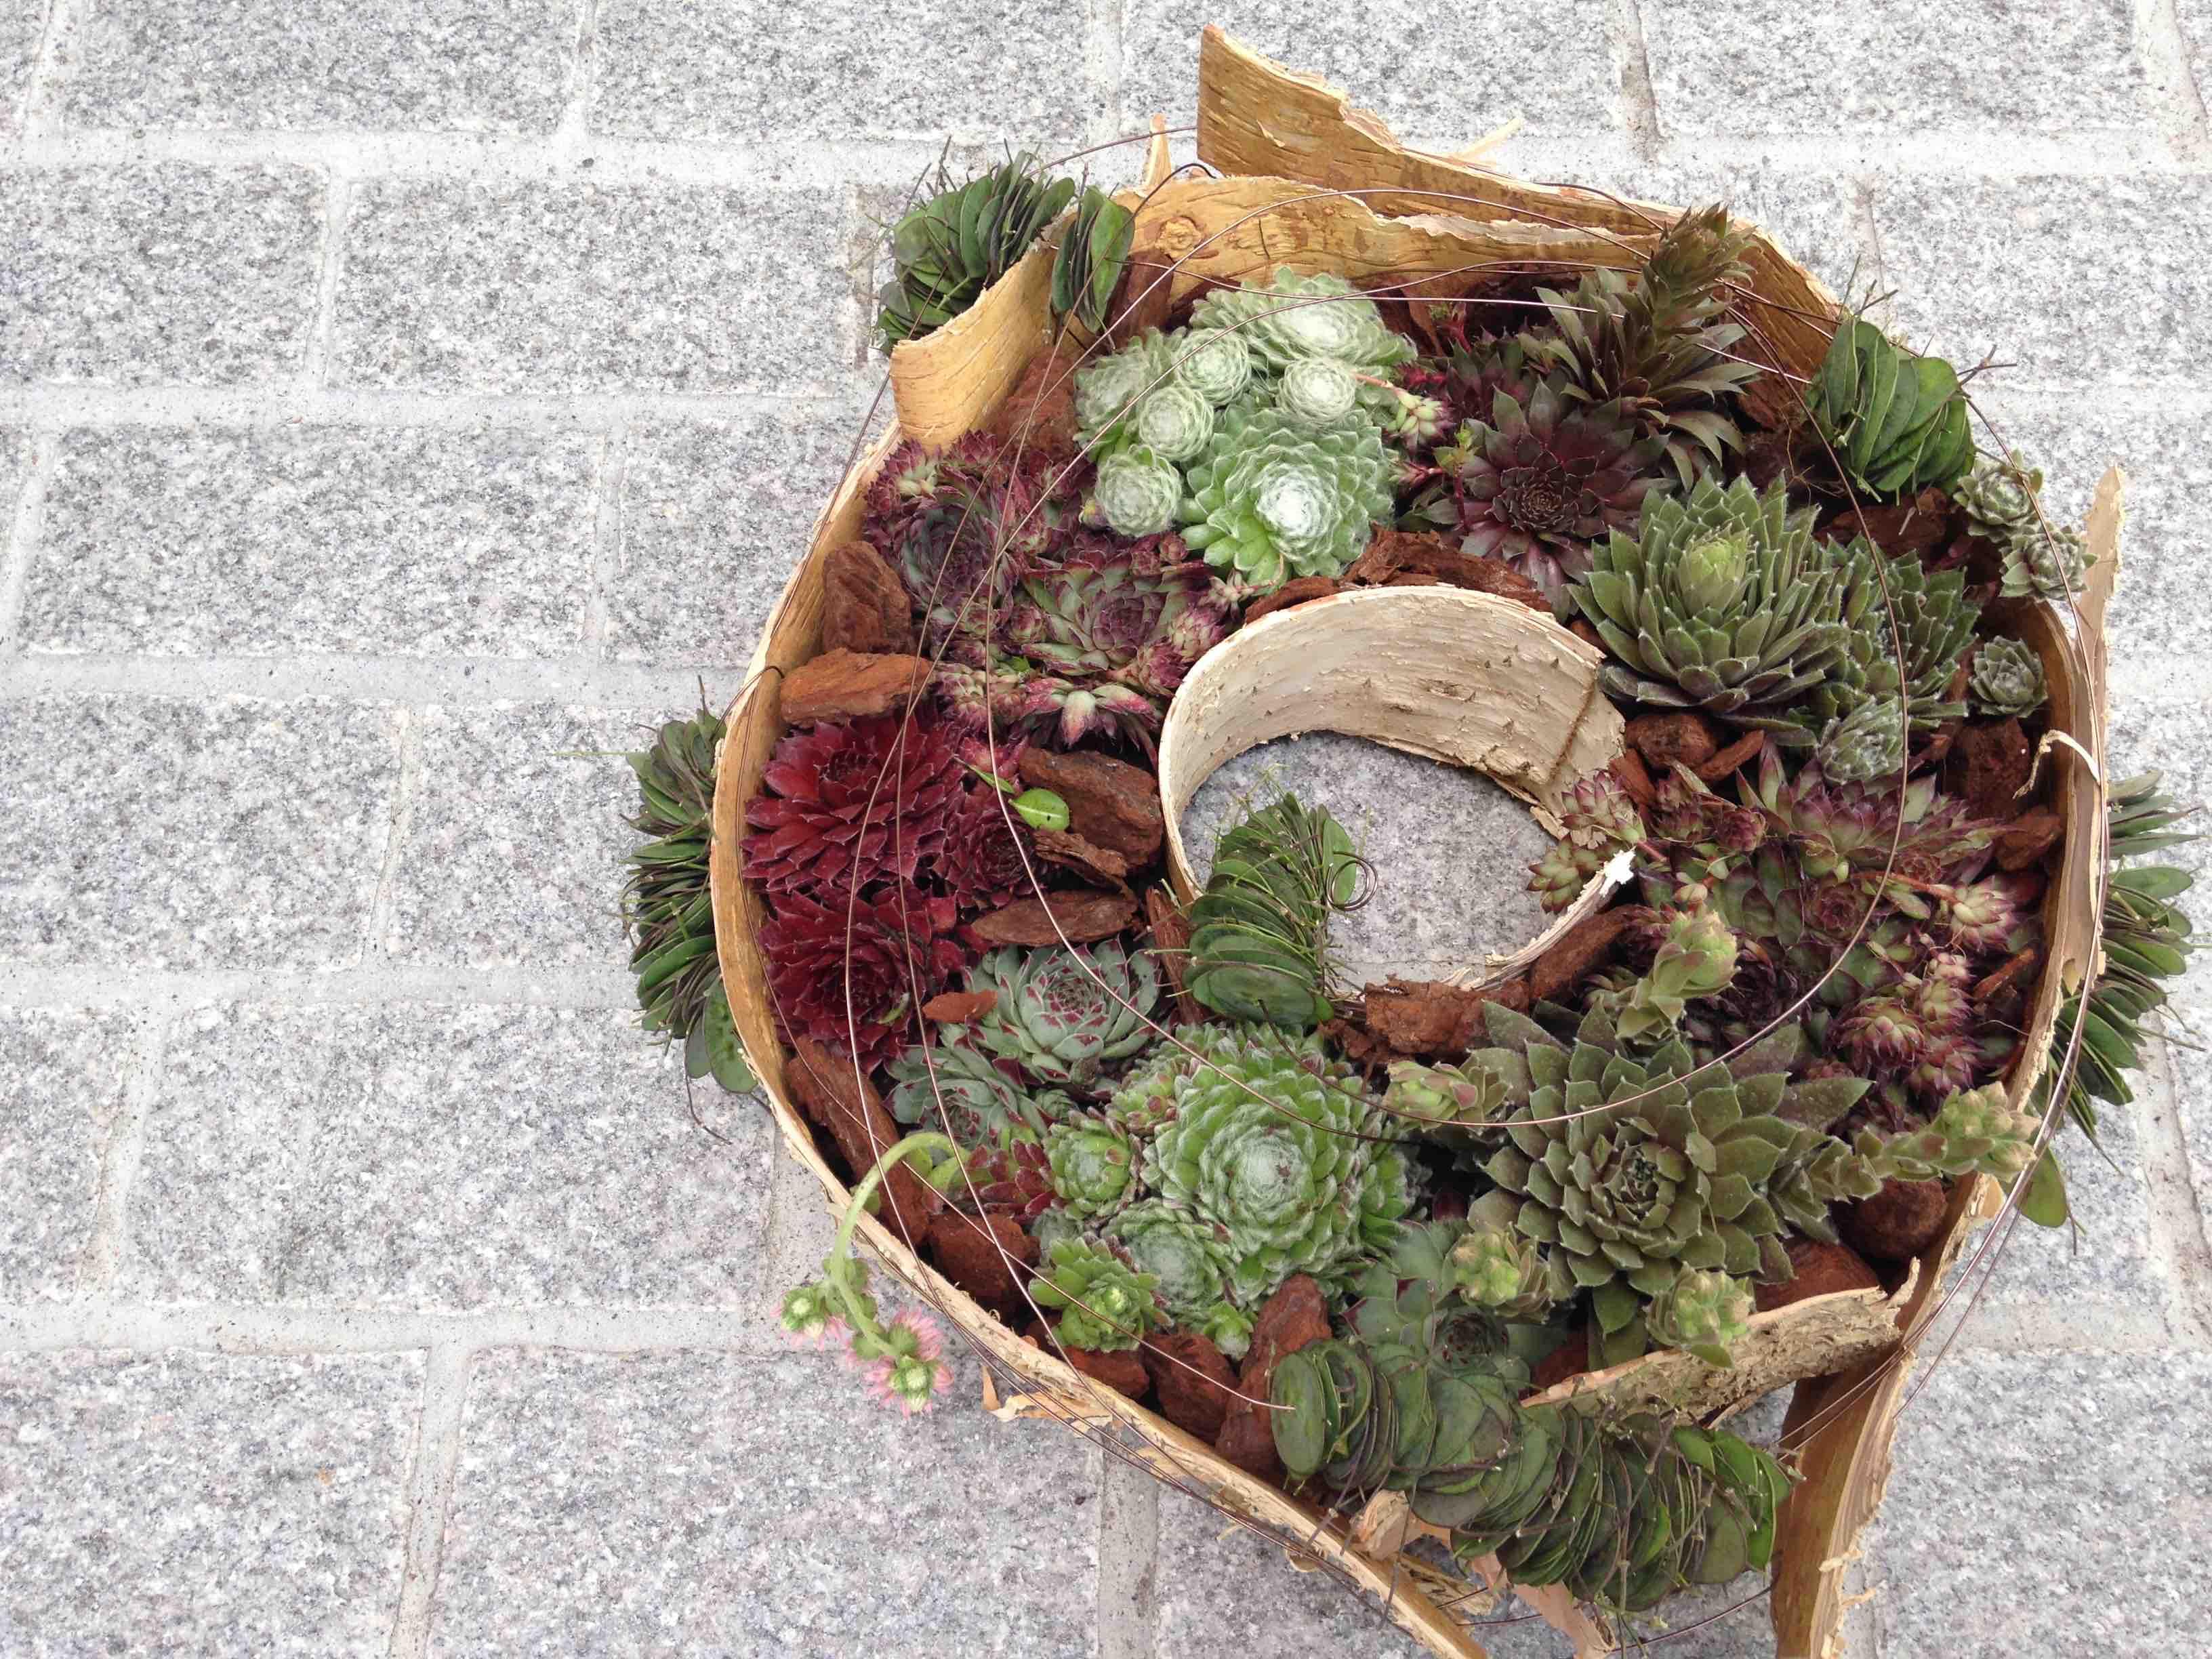 Kranz bepflanzt aus Hauswurz